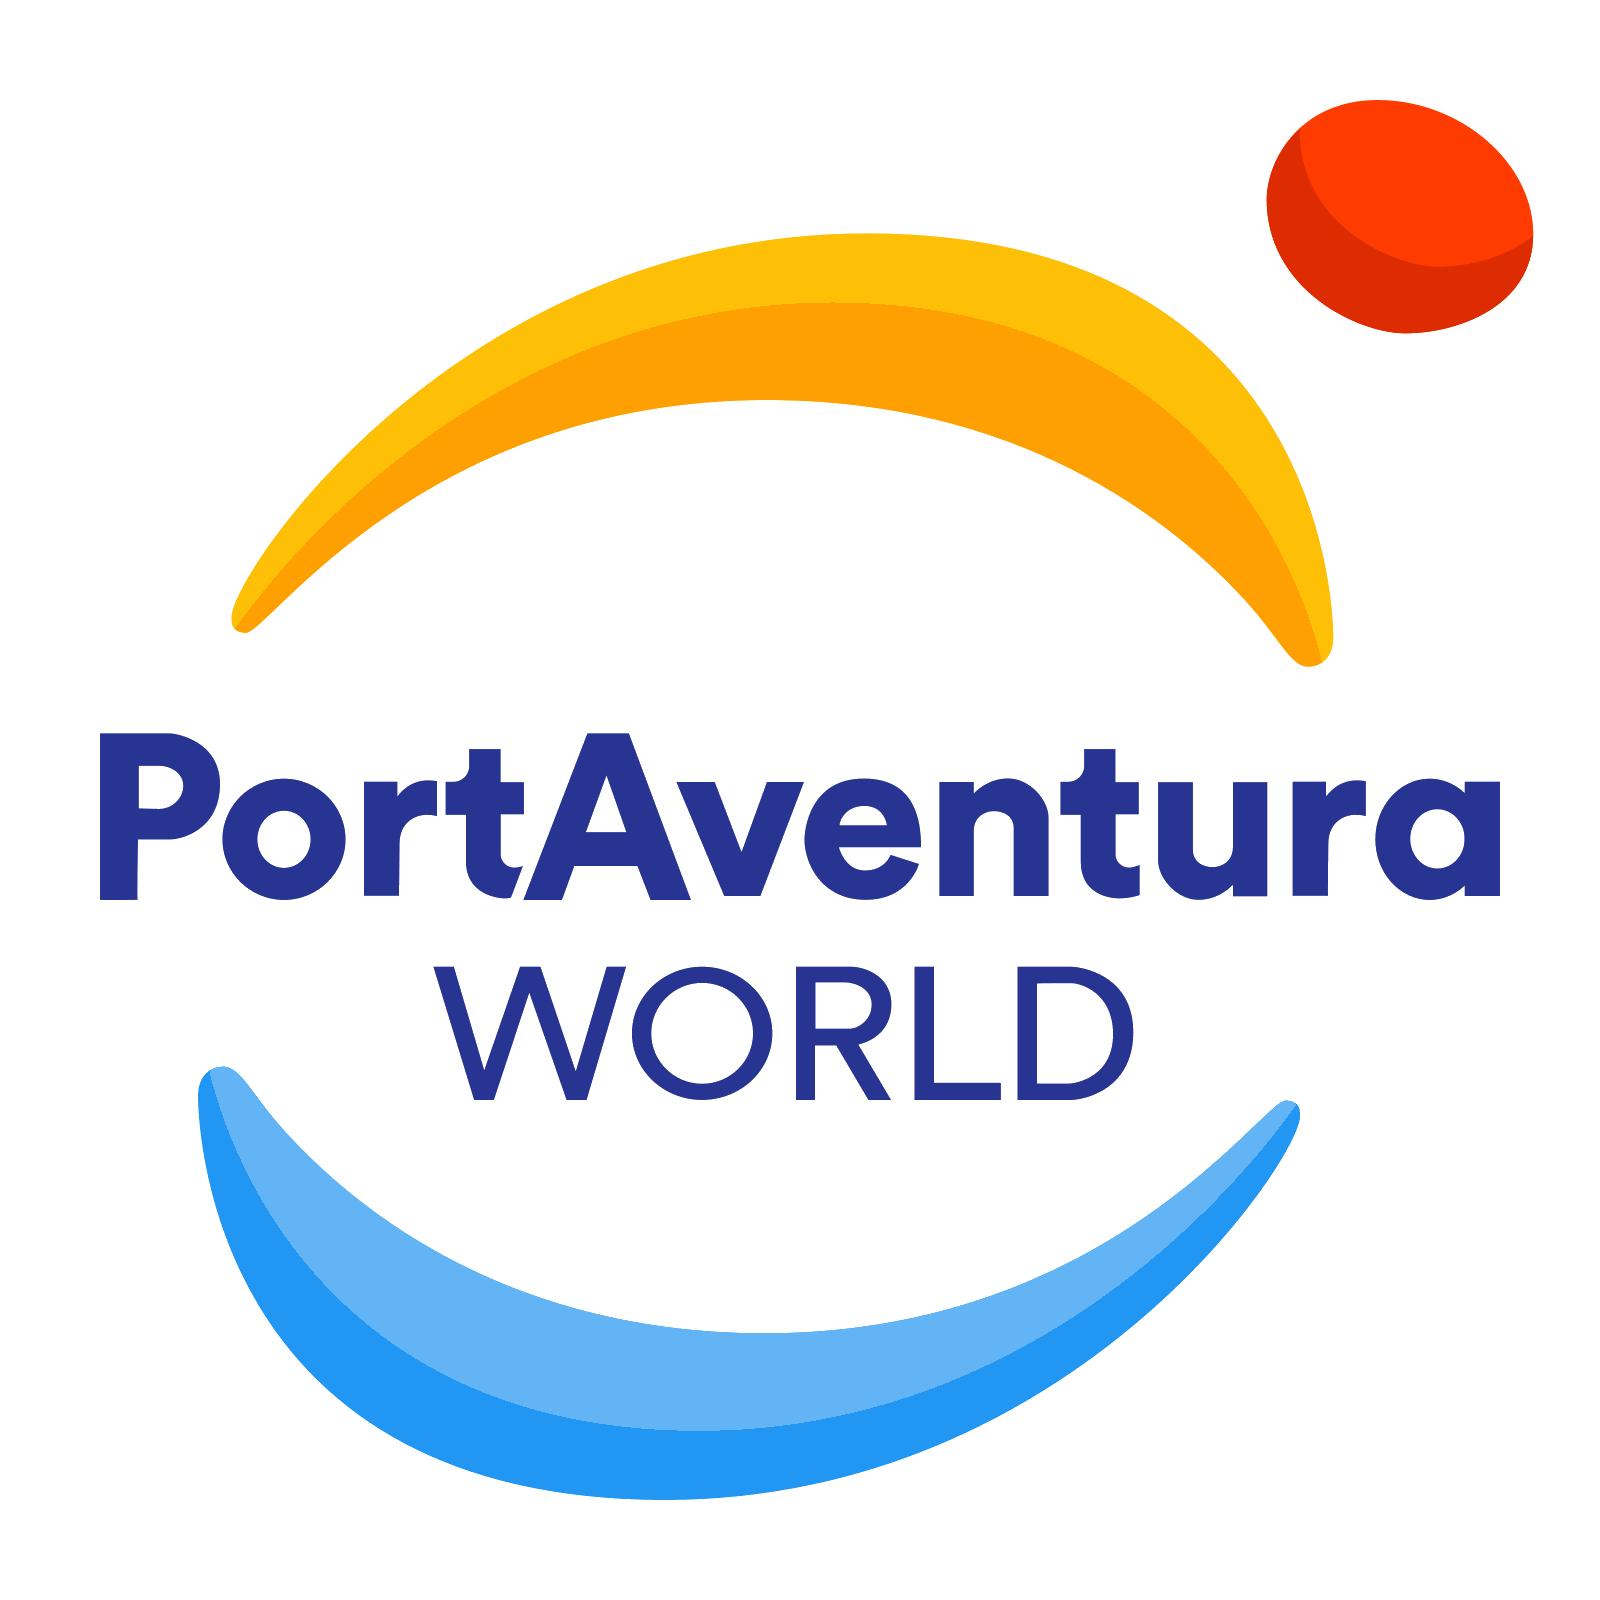 Séjour de 2 jours au parc d'attractions PortAventura Park + Ferrari Land avec nuitée en hôtel 4* à partir de 50€ - Vila-seca (Espagne)